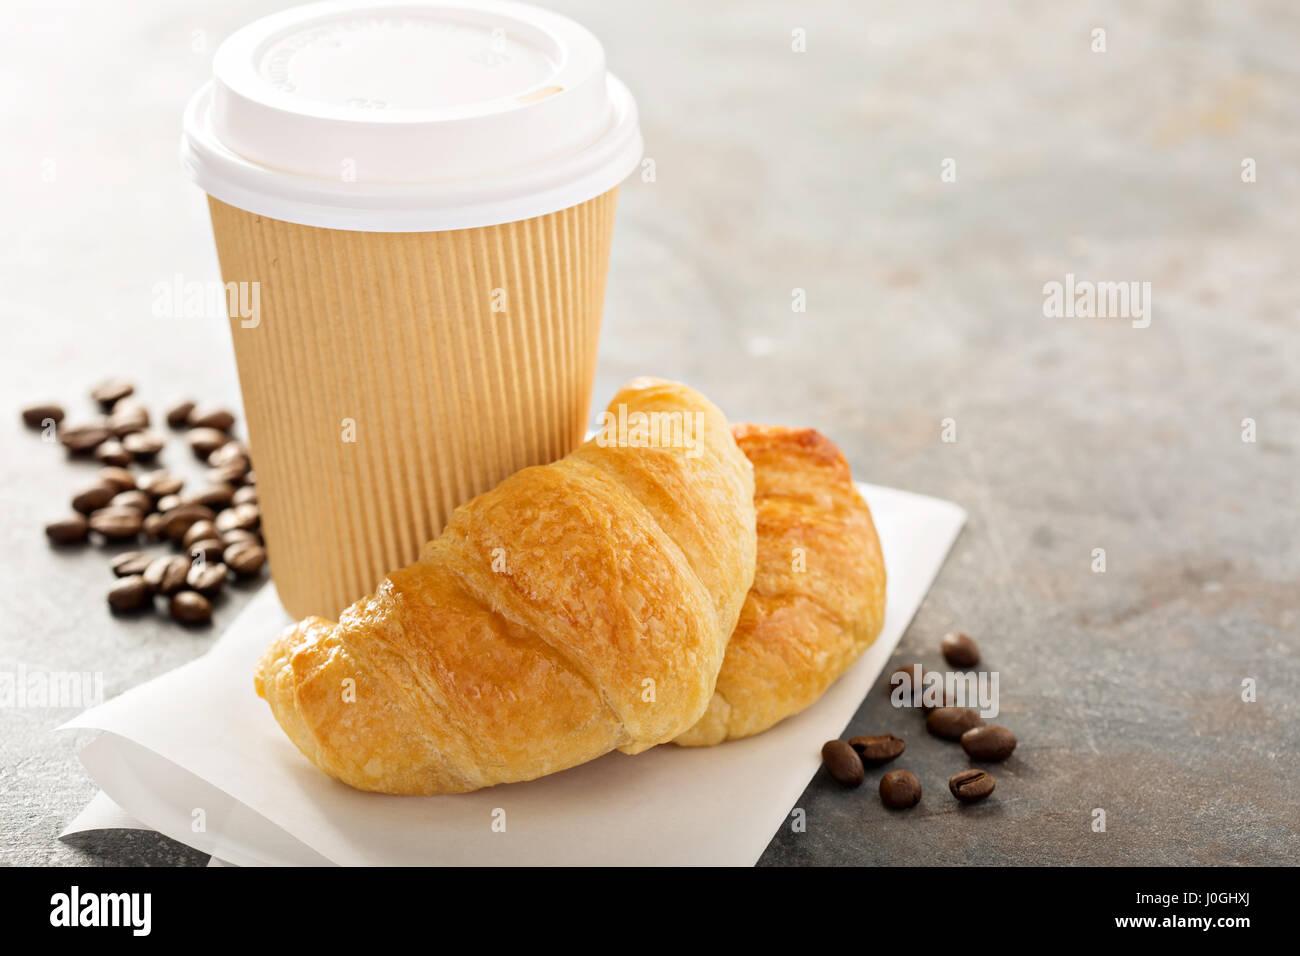 Croissant con caffè per andare Immagini Stock